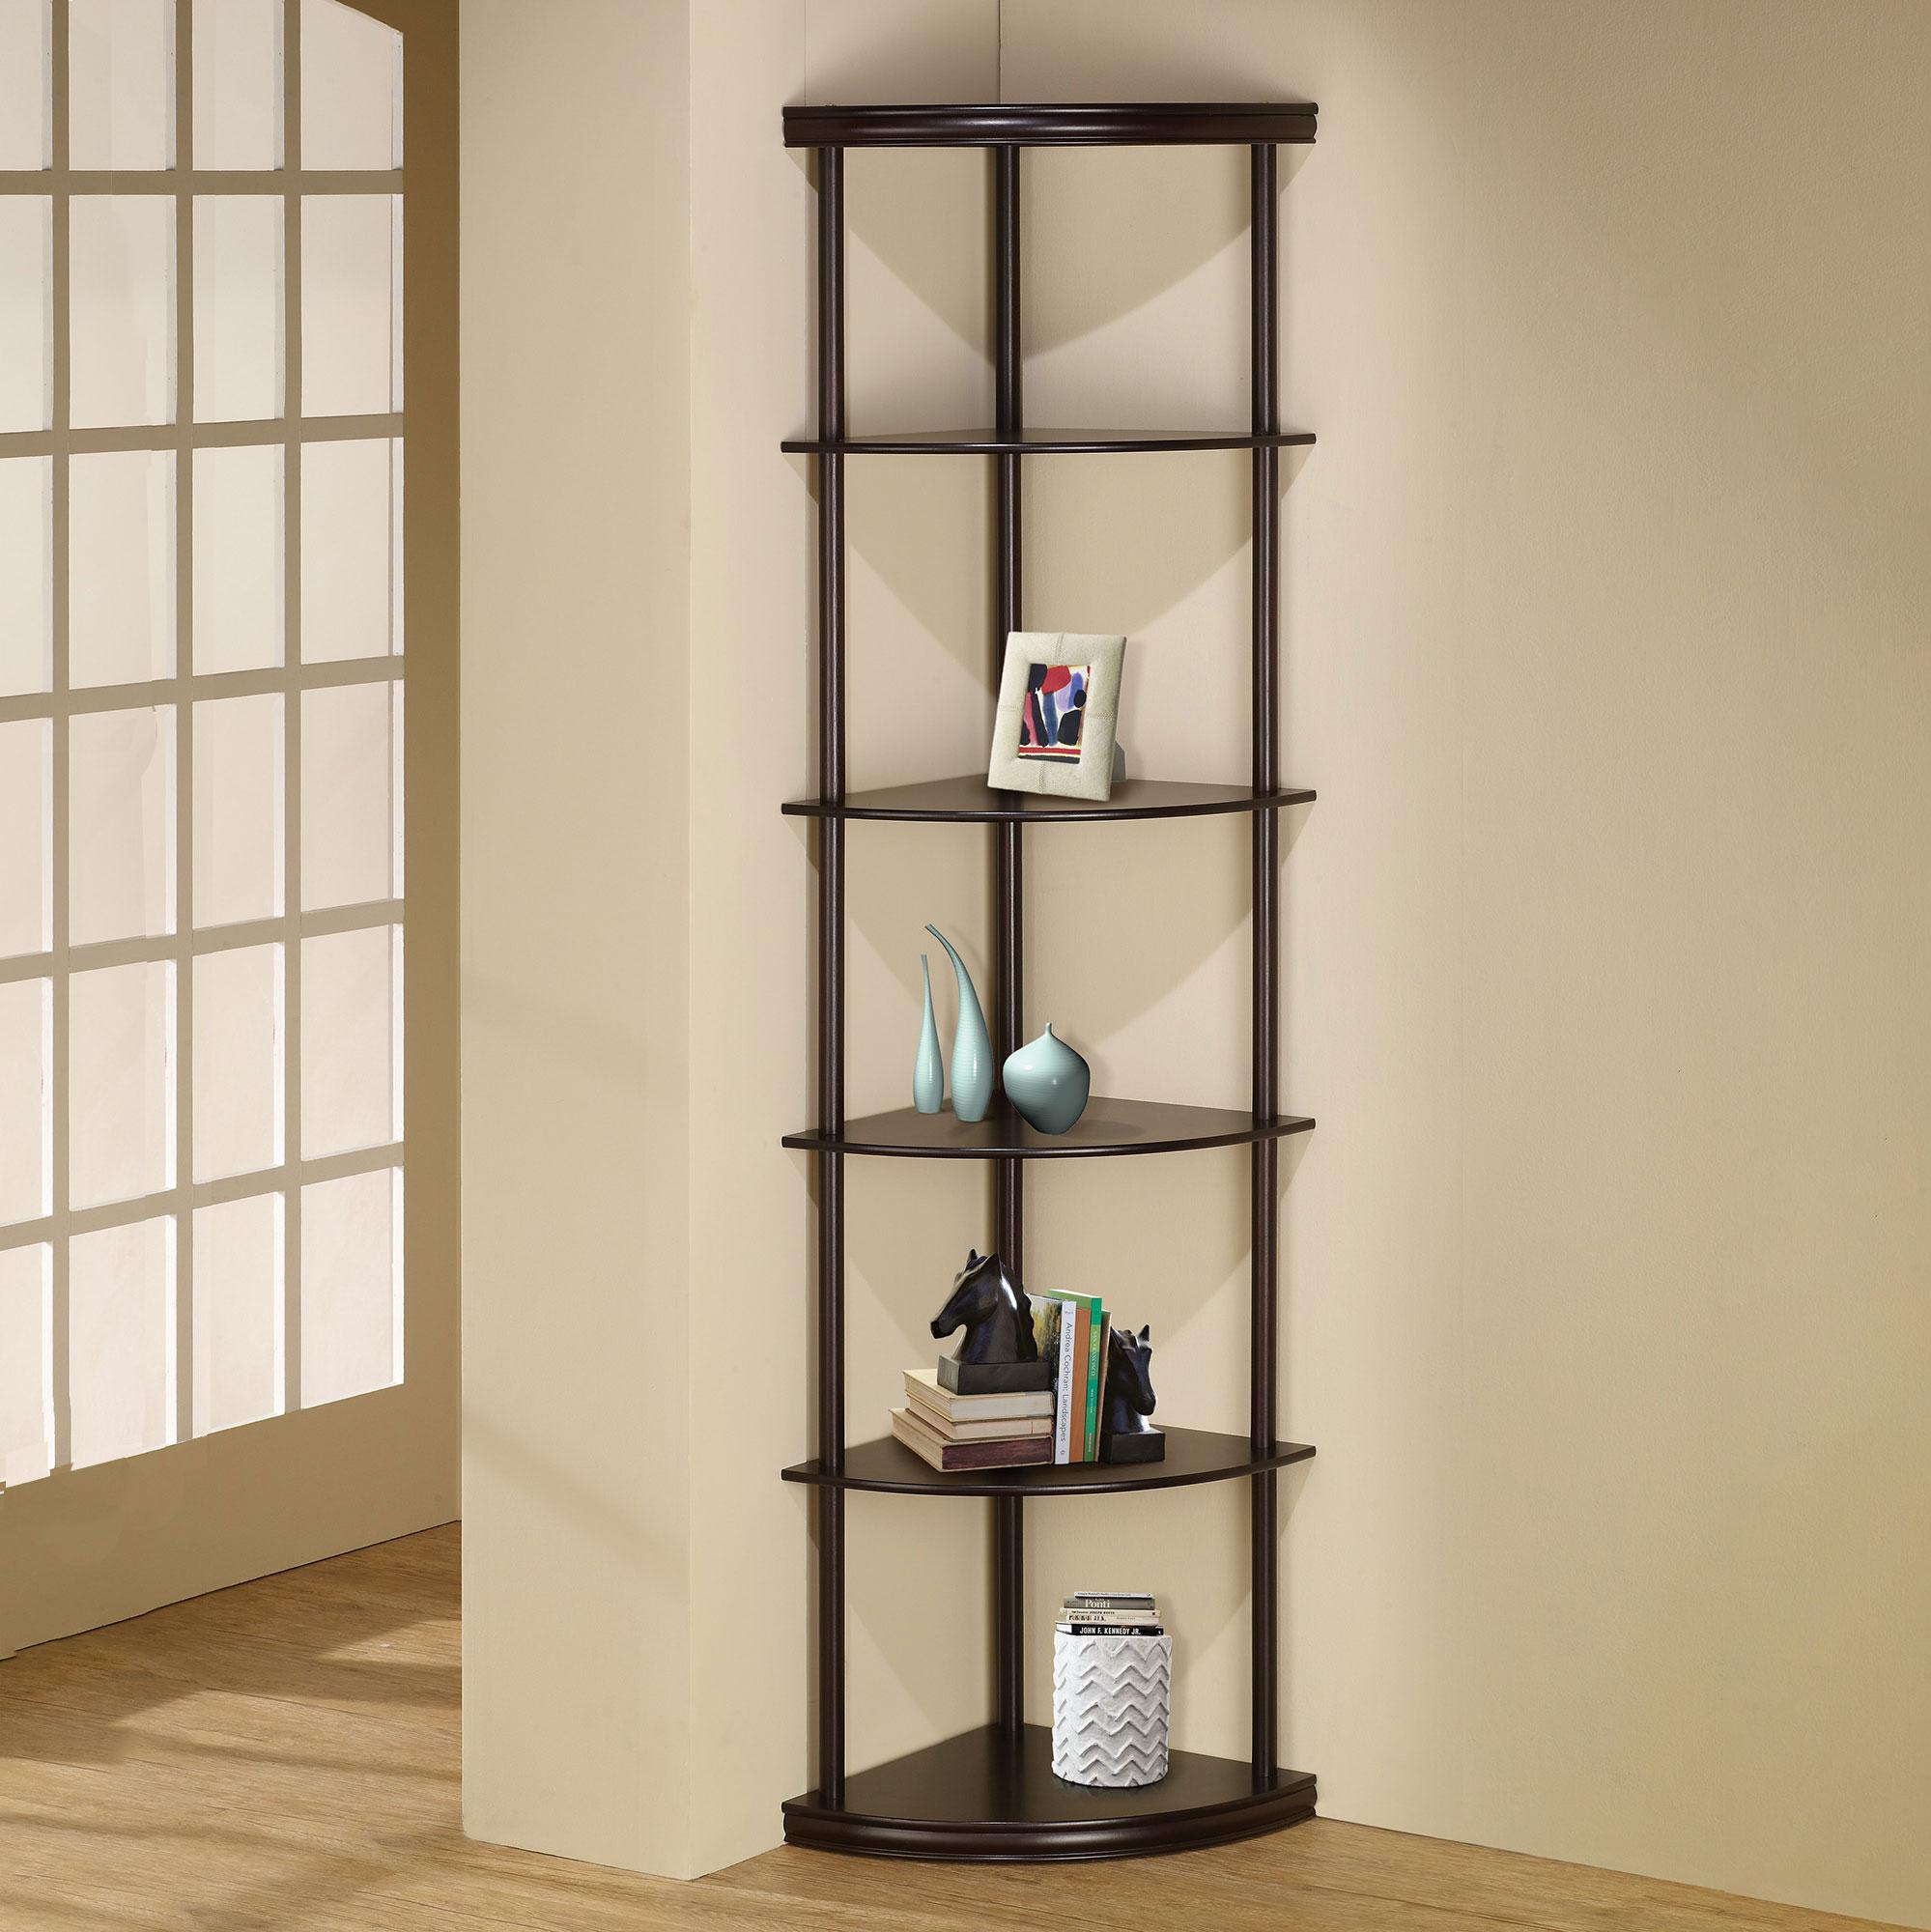 Coaster Home Furniture Contemporary Corner Bookshelf Bookcase Cappuccino Brown